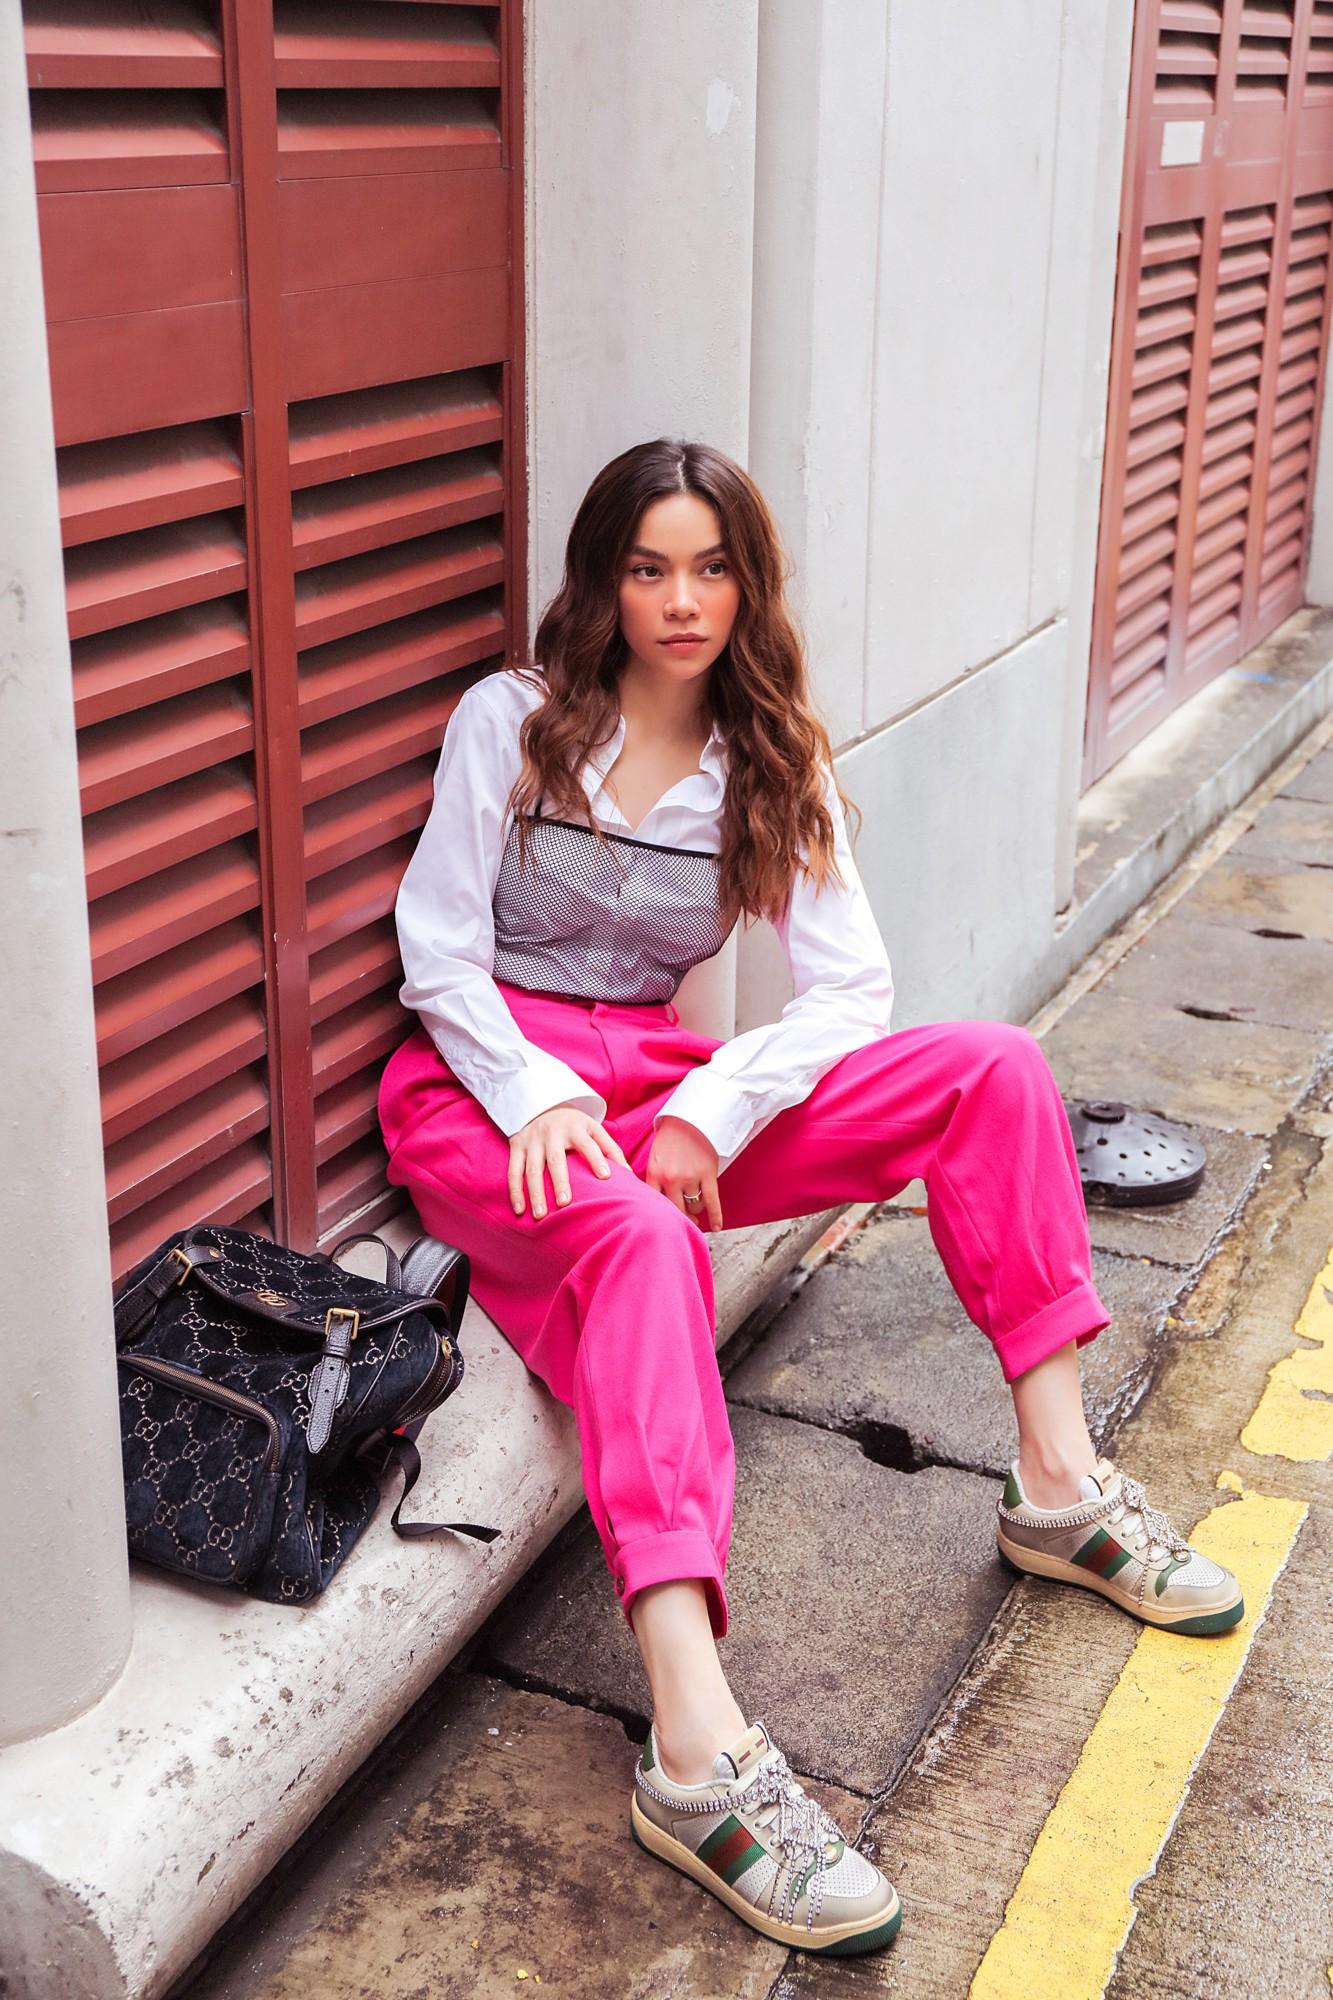 Hồ Ngọc Hà gây chú ý trên đường phố Singapore nhờ street style nổi bật   - Ảnh 6.